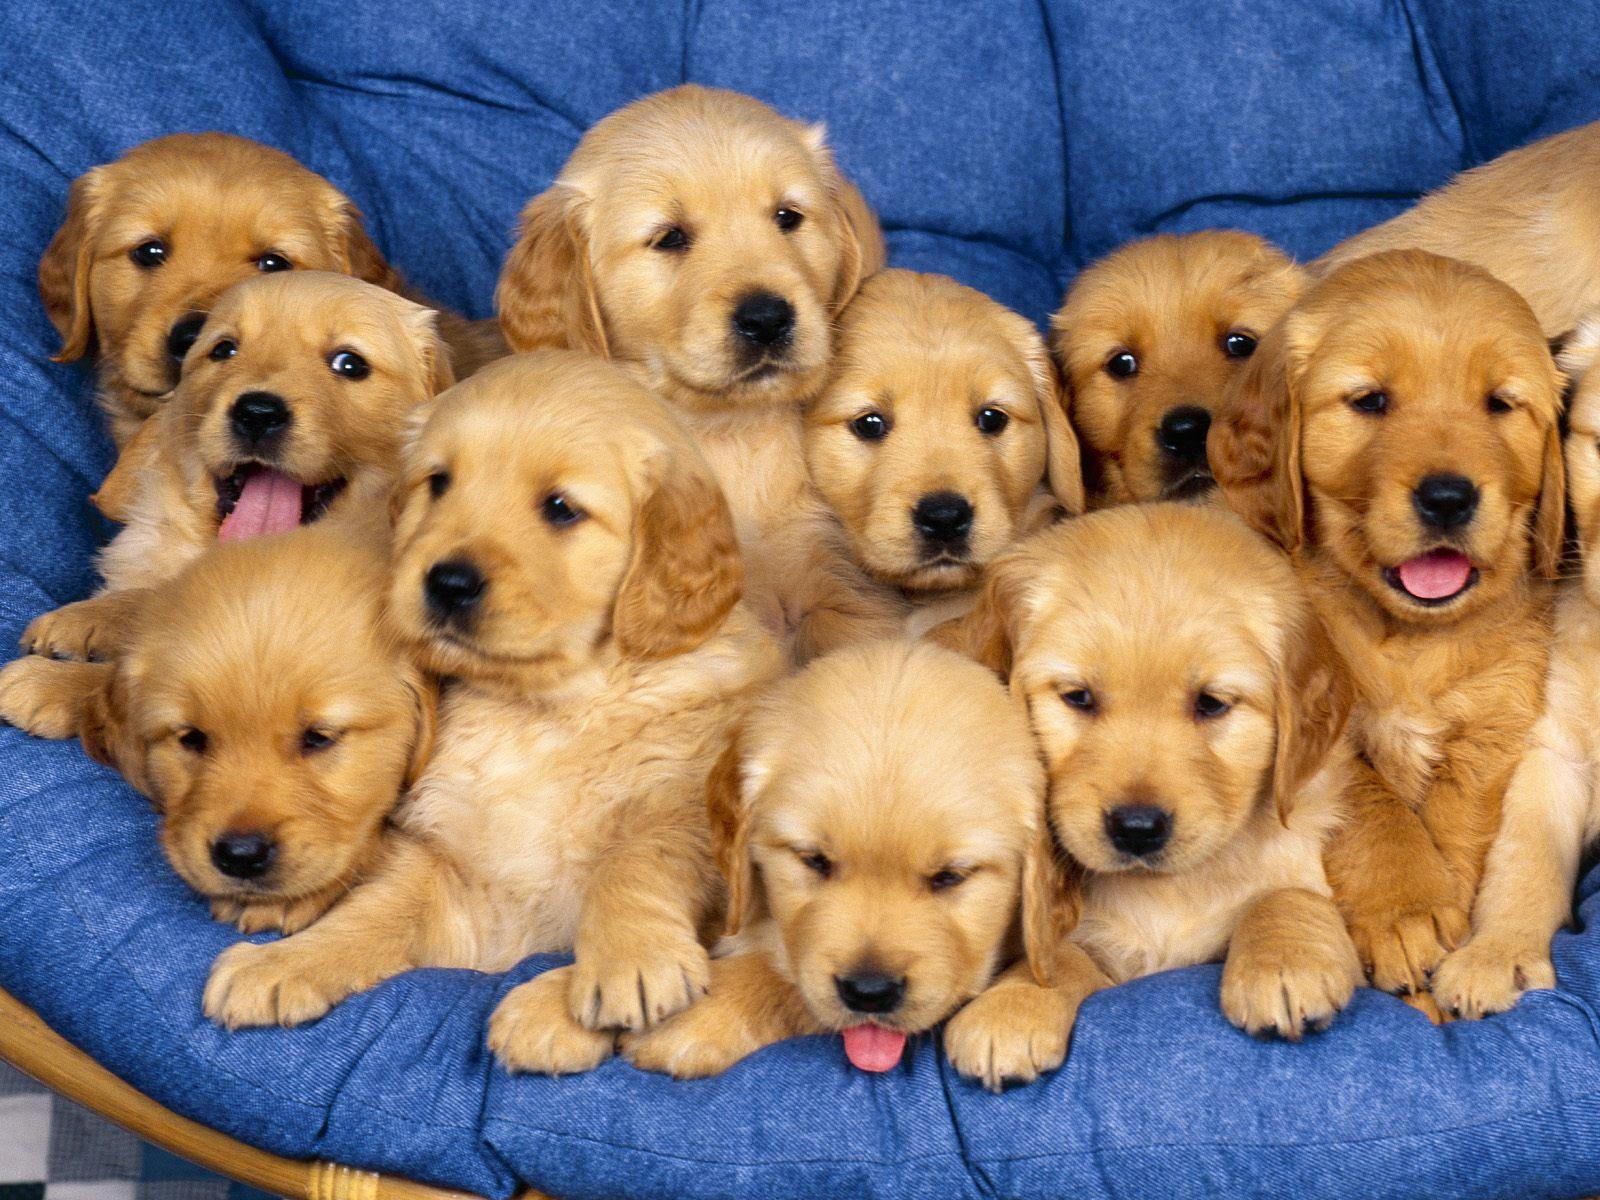 Best wallpapers dogs wallpapers - Cute golden retriever wallpaper ...